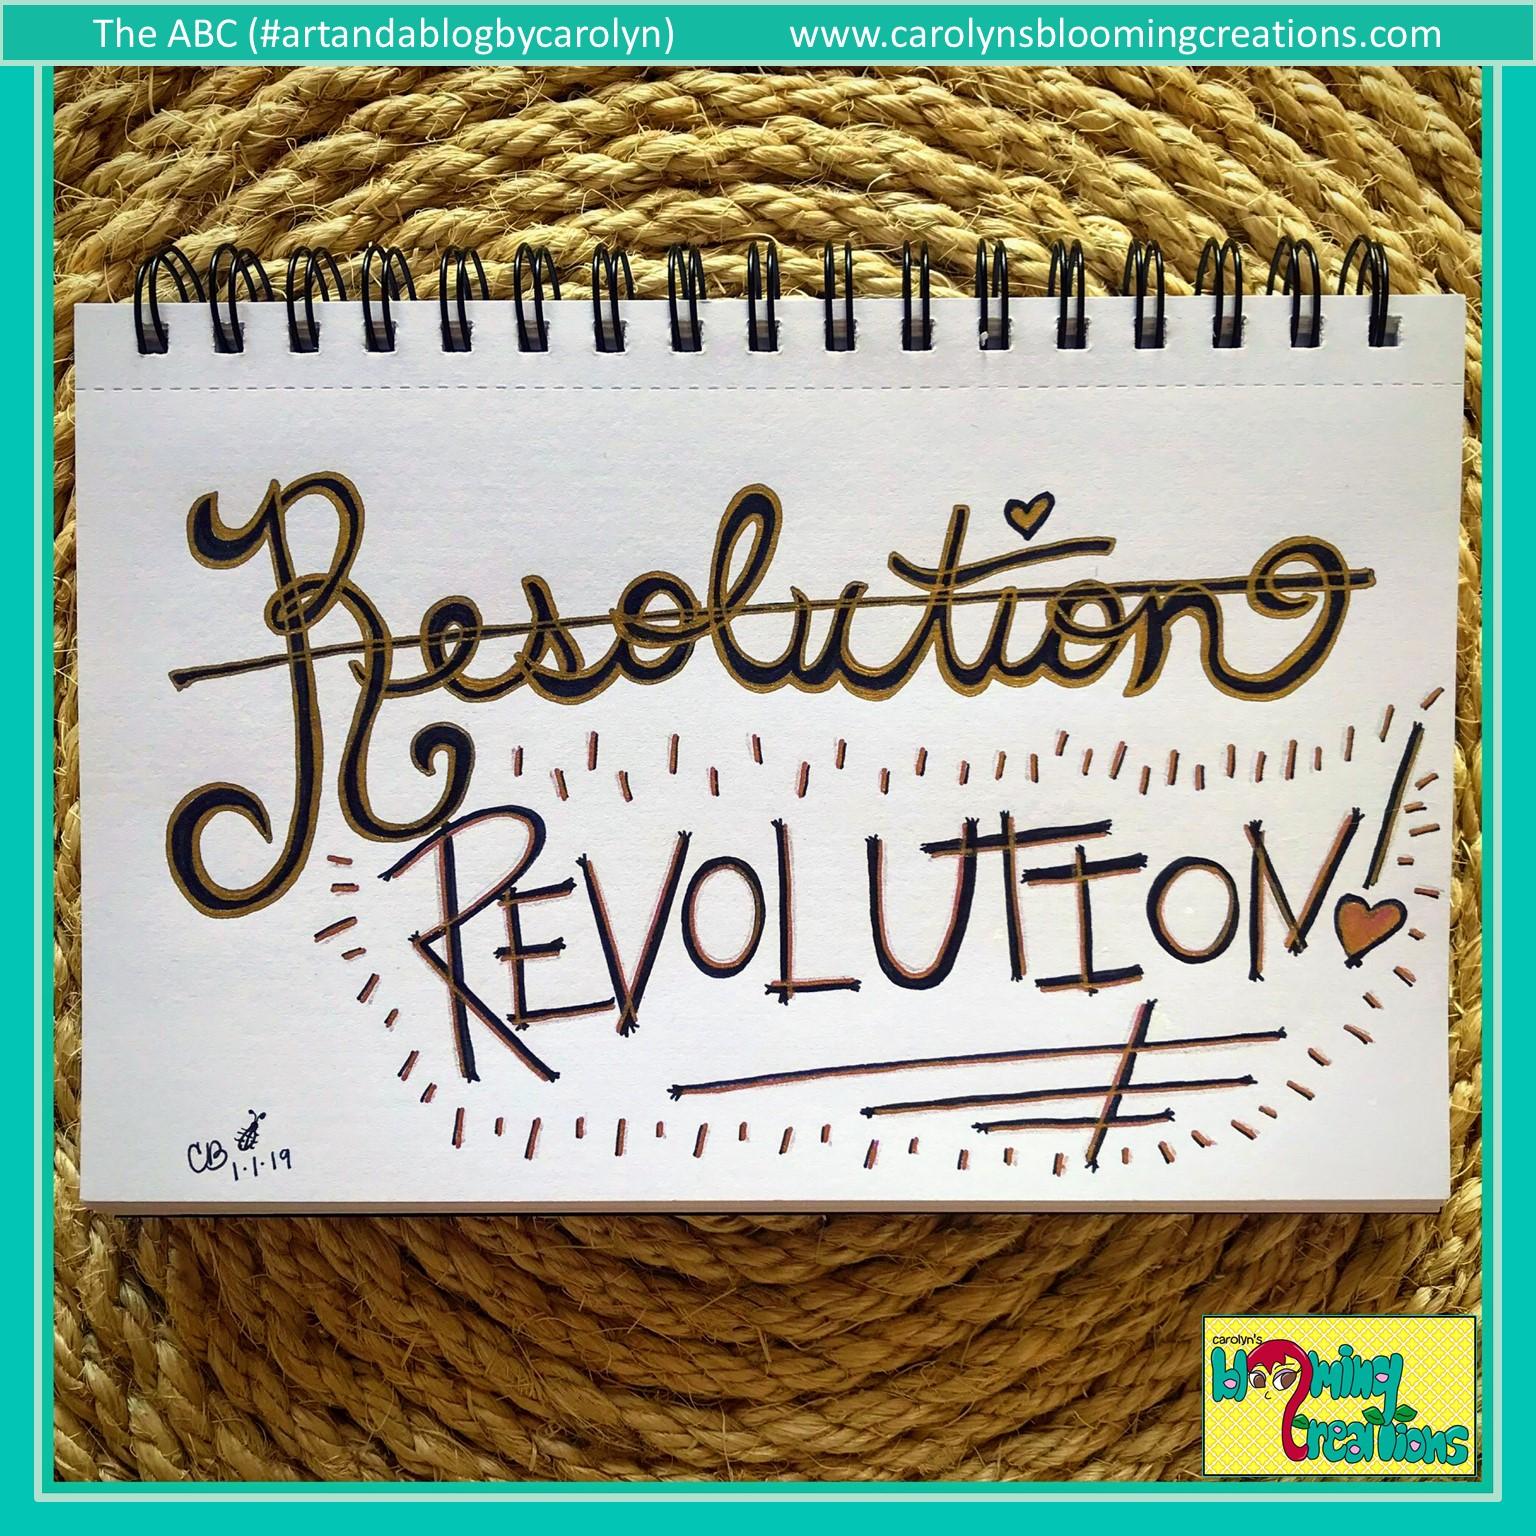 Carolyn Braden Resolution Revolution.JPG